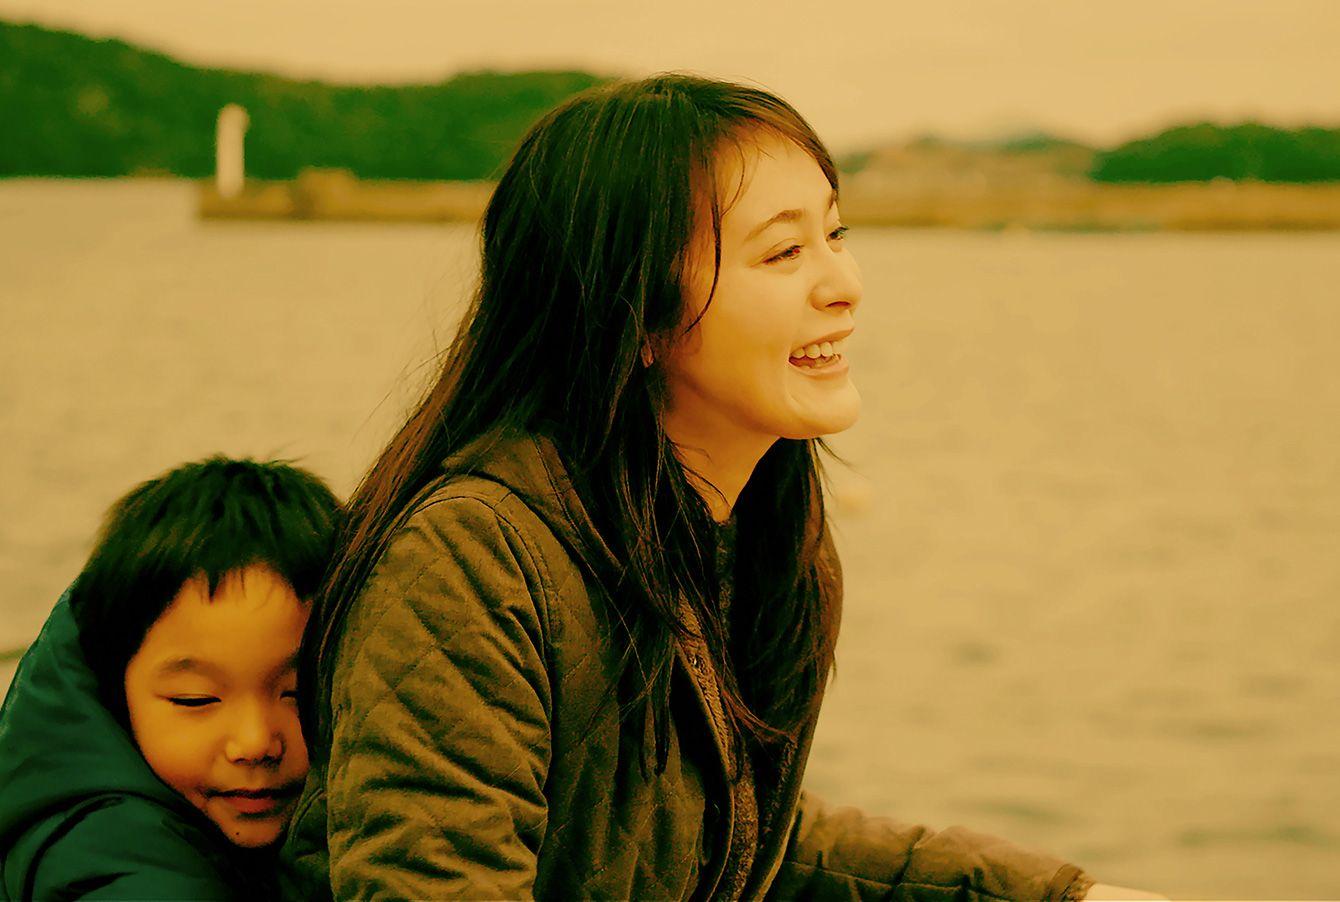 映画「夕陽のあと」監督:越川道夫 出演:貫地谷しほり、山田真歩、木内みどりほか - 写真=筆者提供